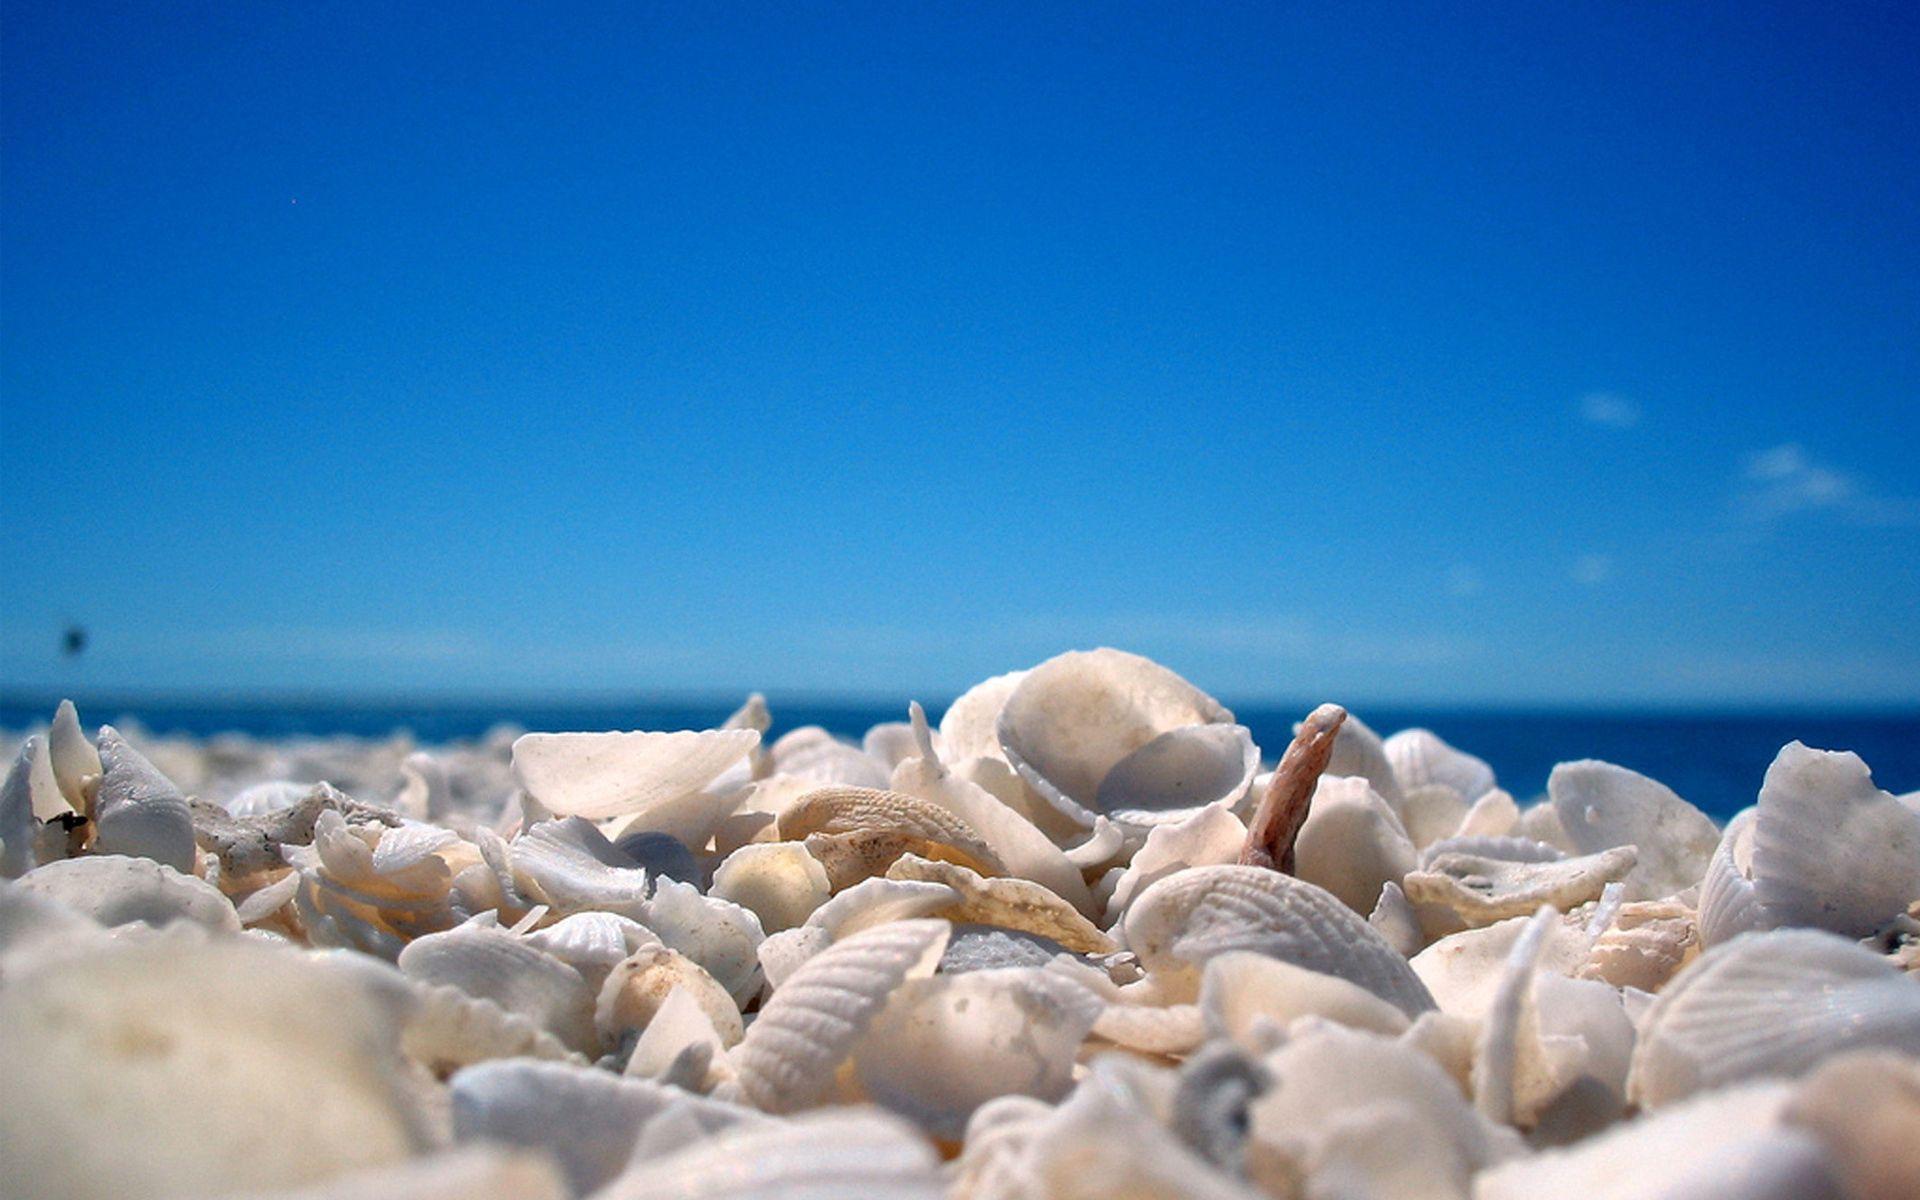 68588 скачать обои Ракушки, Природа, Небо, Пляж, Берег, Голубое - заставки и картинки бесплатно